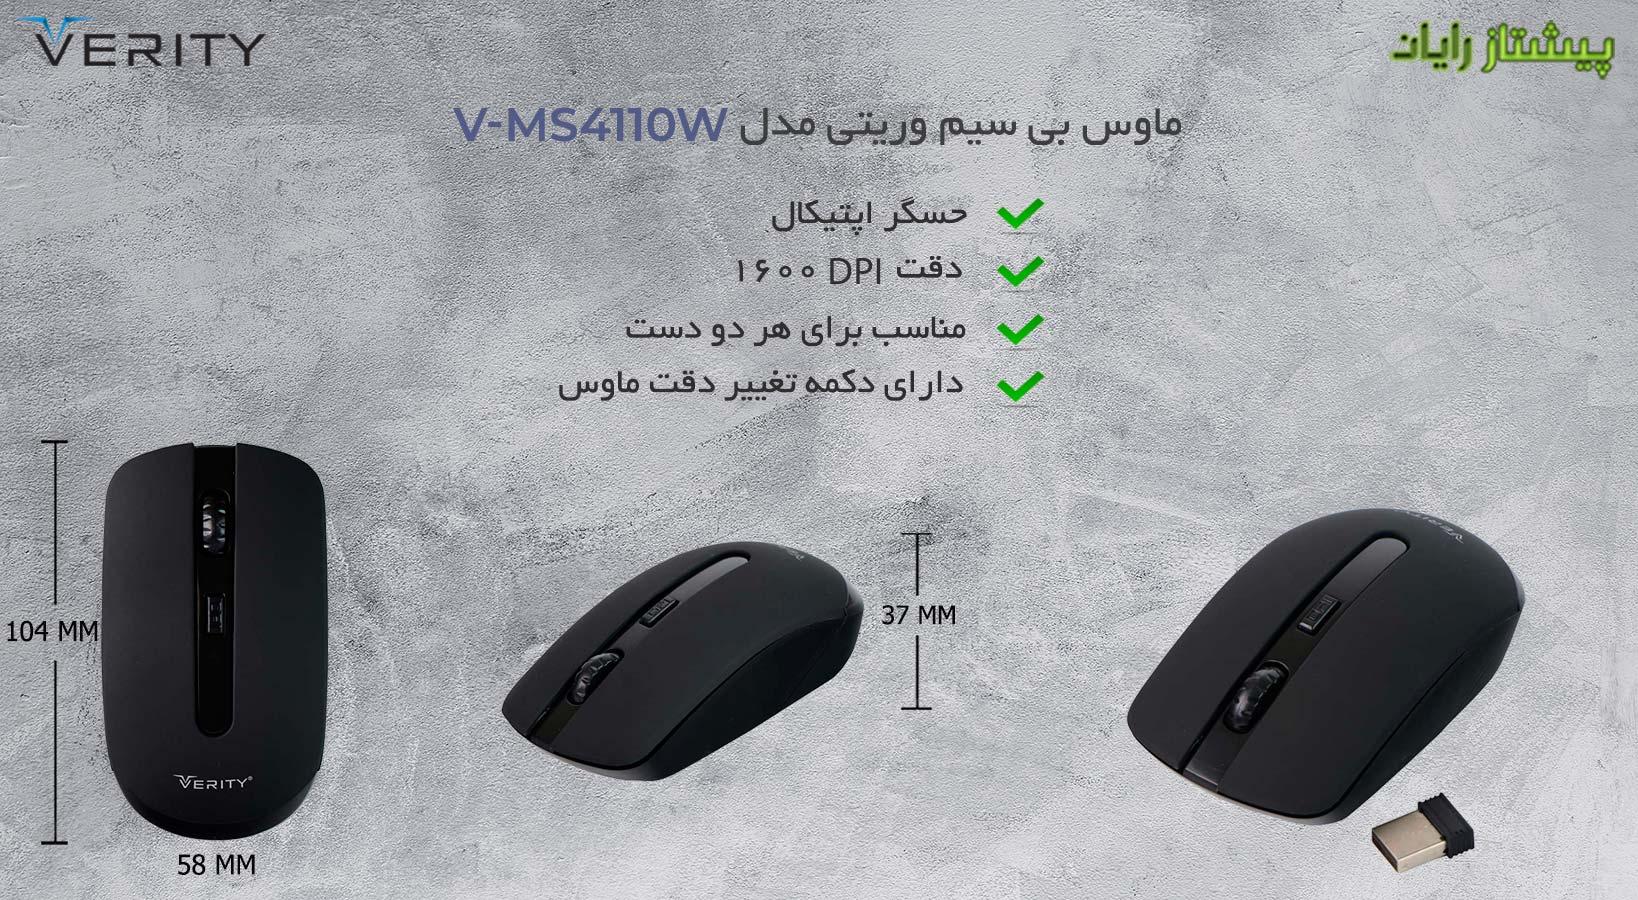 مشخصات موس Verity V-M4110W